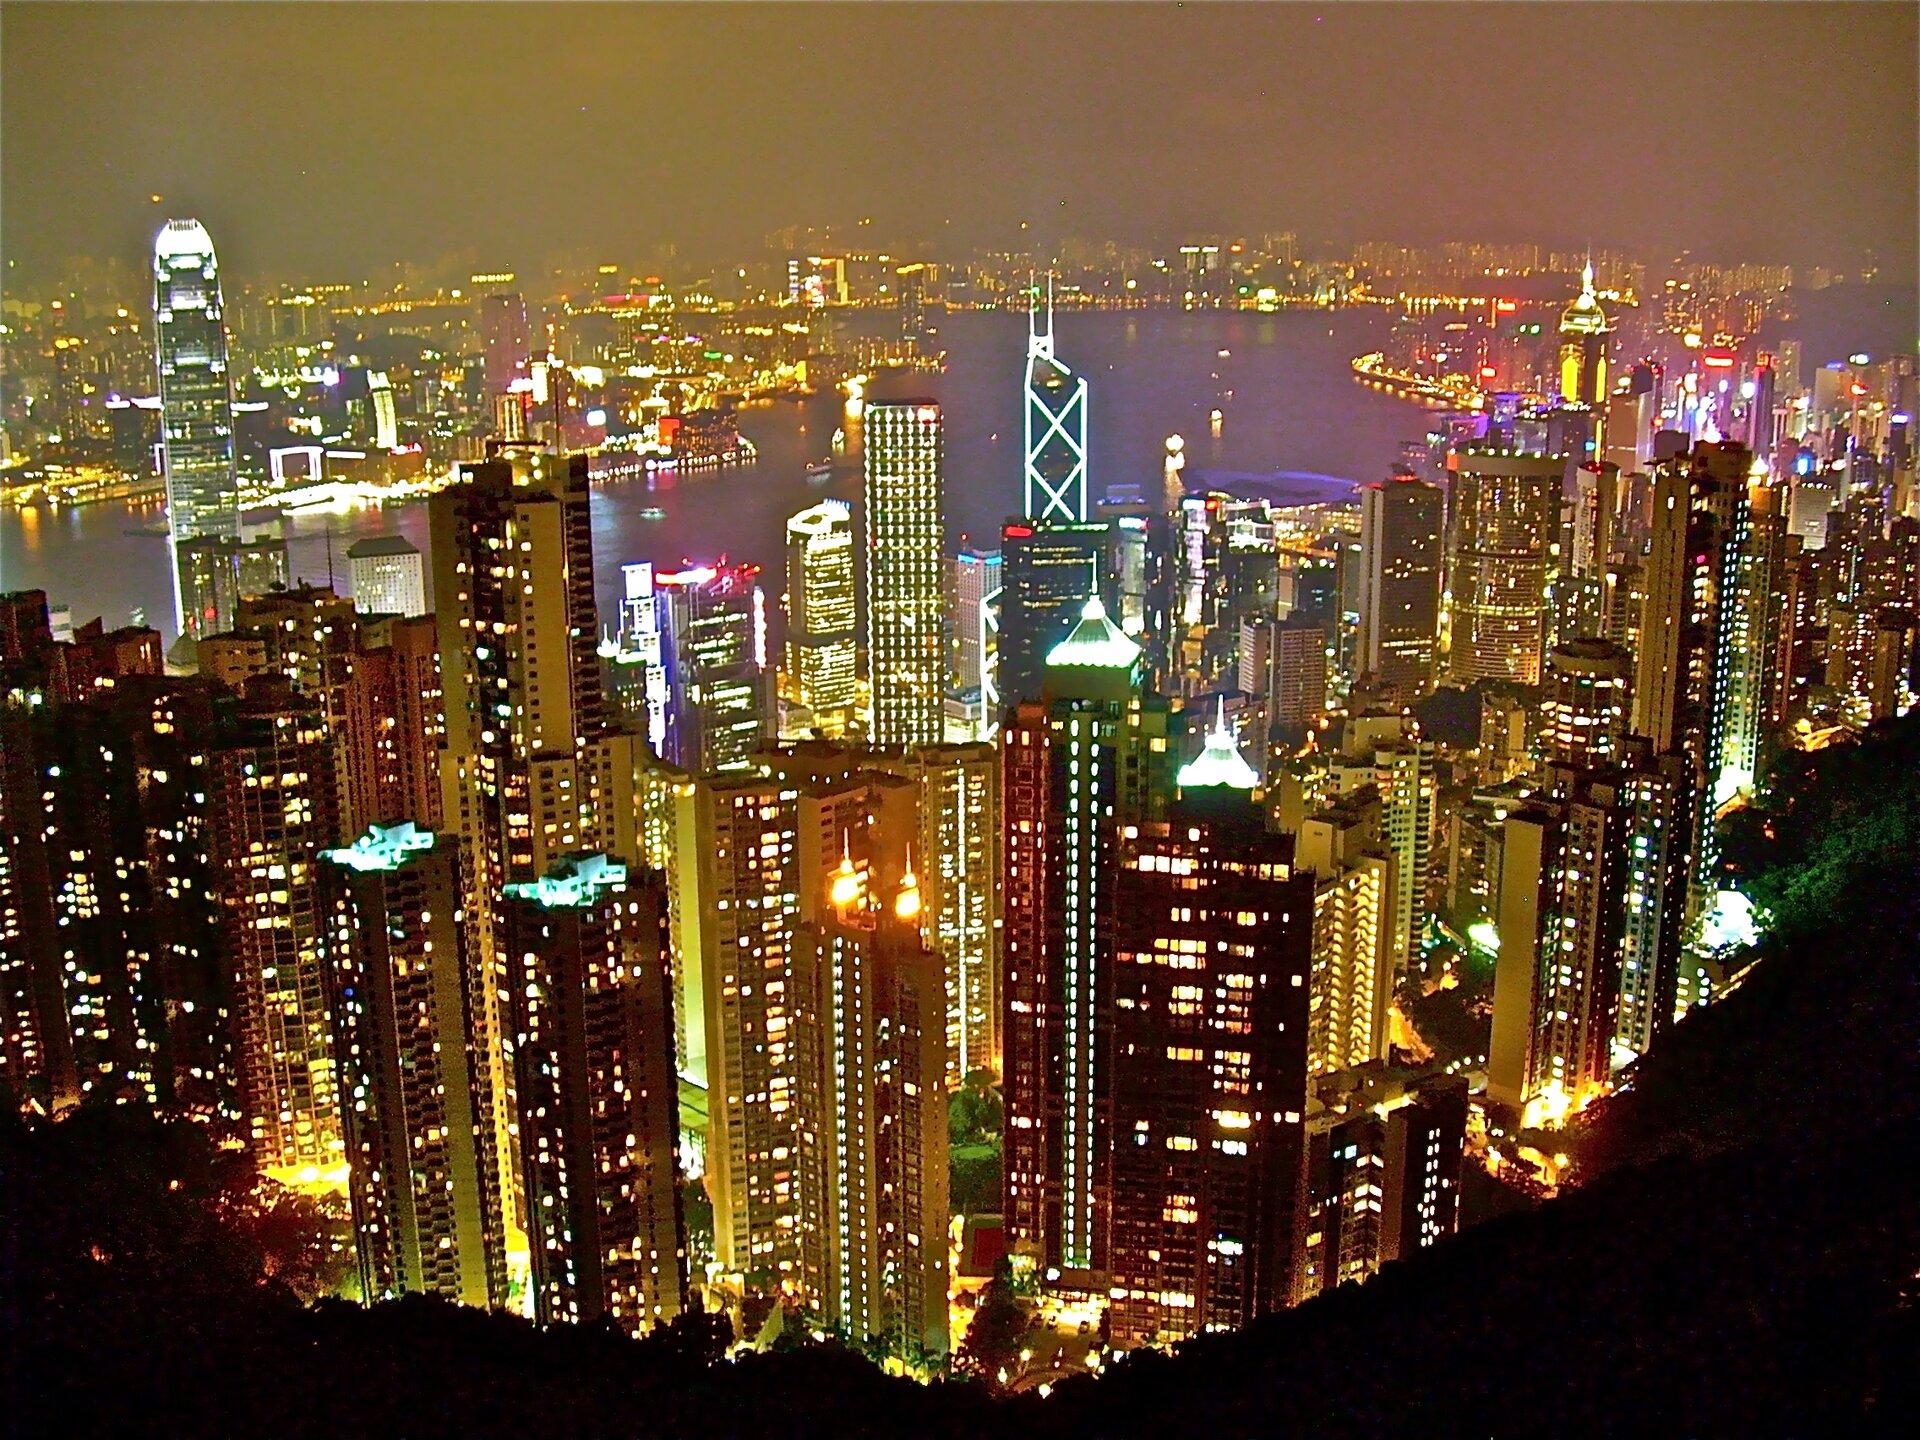 Zdjęcie przedstawia nocną panoramę Hong Kongu zwidocznymi na pierwszym planie rozświetlonymi licznymi drapaczami chmur. Prawie wszystkie budynki mają bardzo efektowną iluminację, wniektórych przypadkach ciągnącą się przez całe piętra. Światła miasta odbijają się od szklanych fasad sąsiednich budynków robiąc niezapomniane wrażenie.